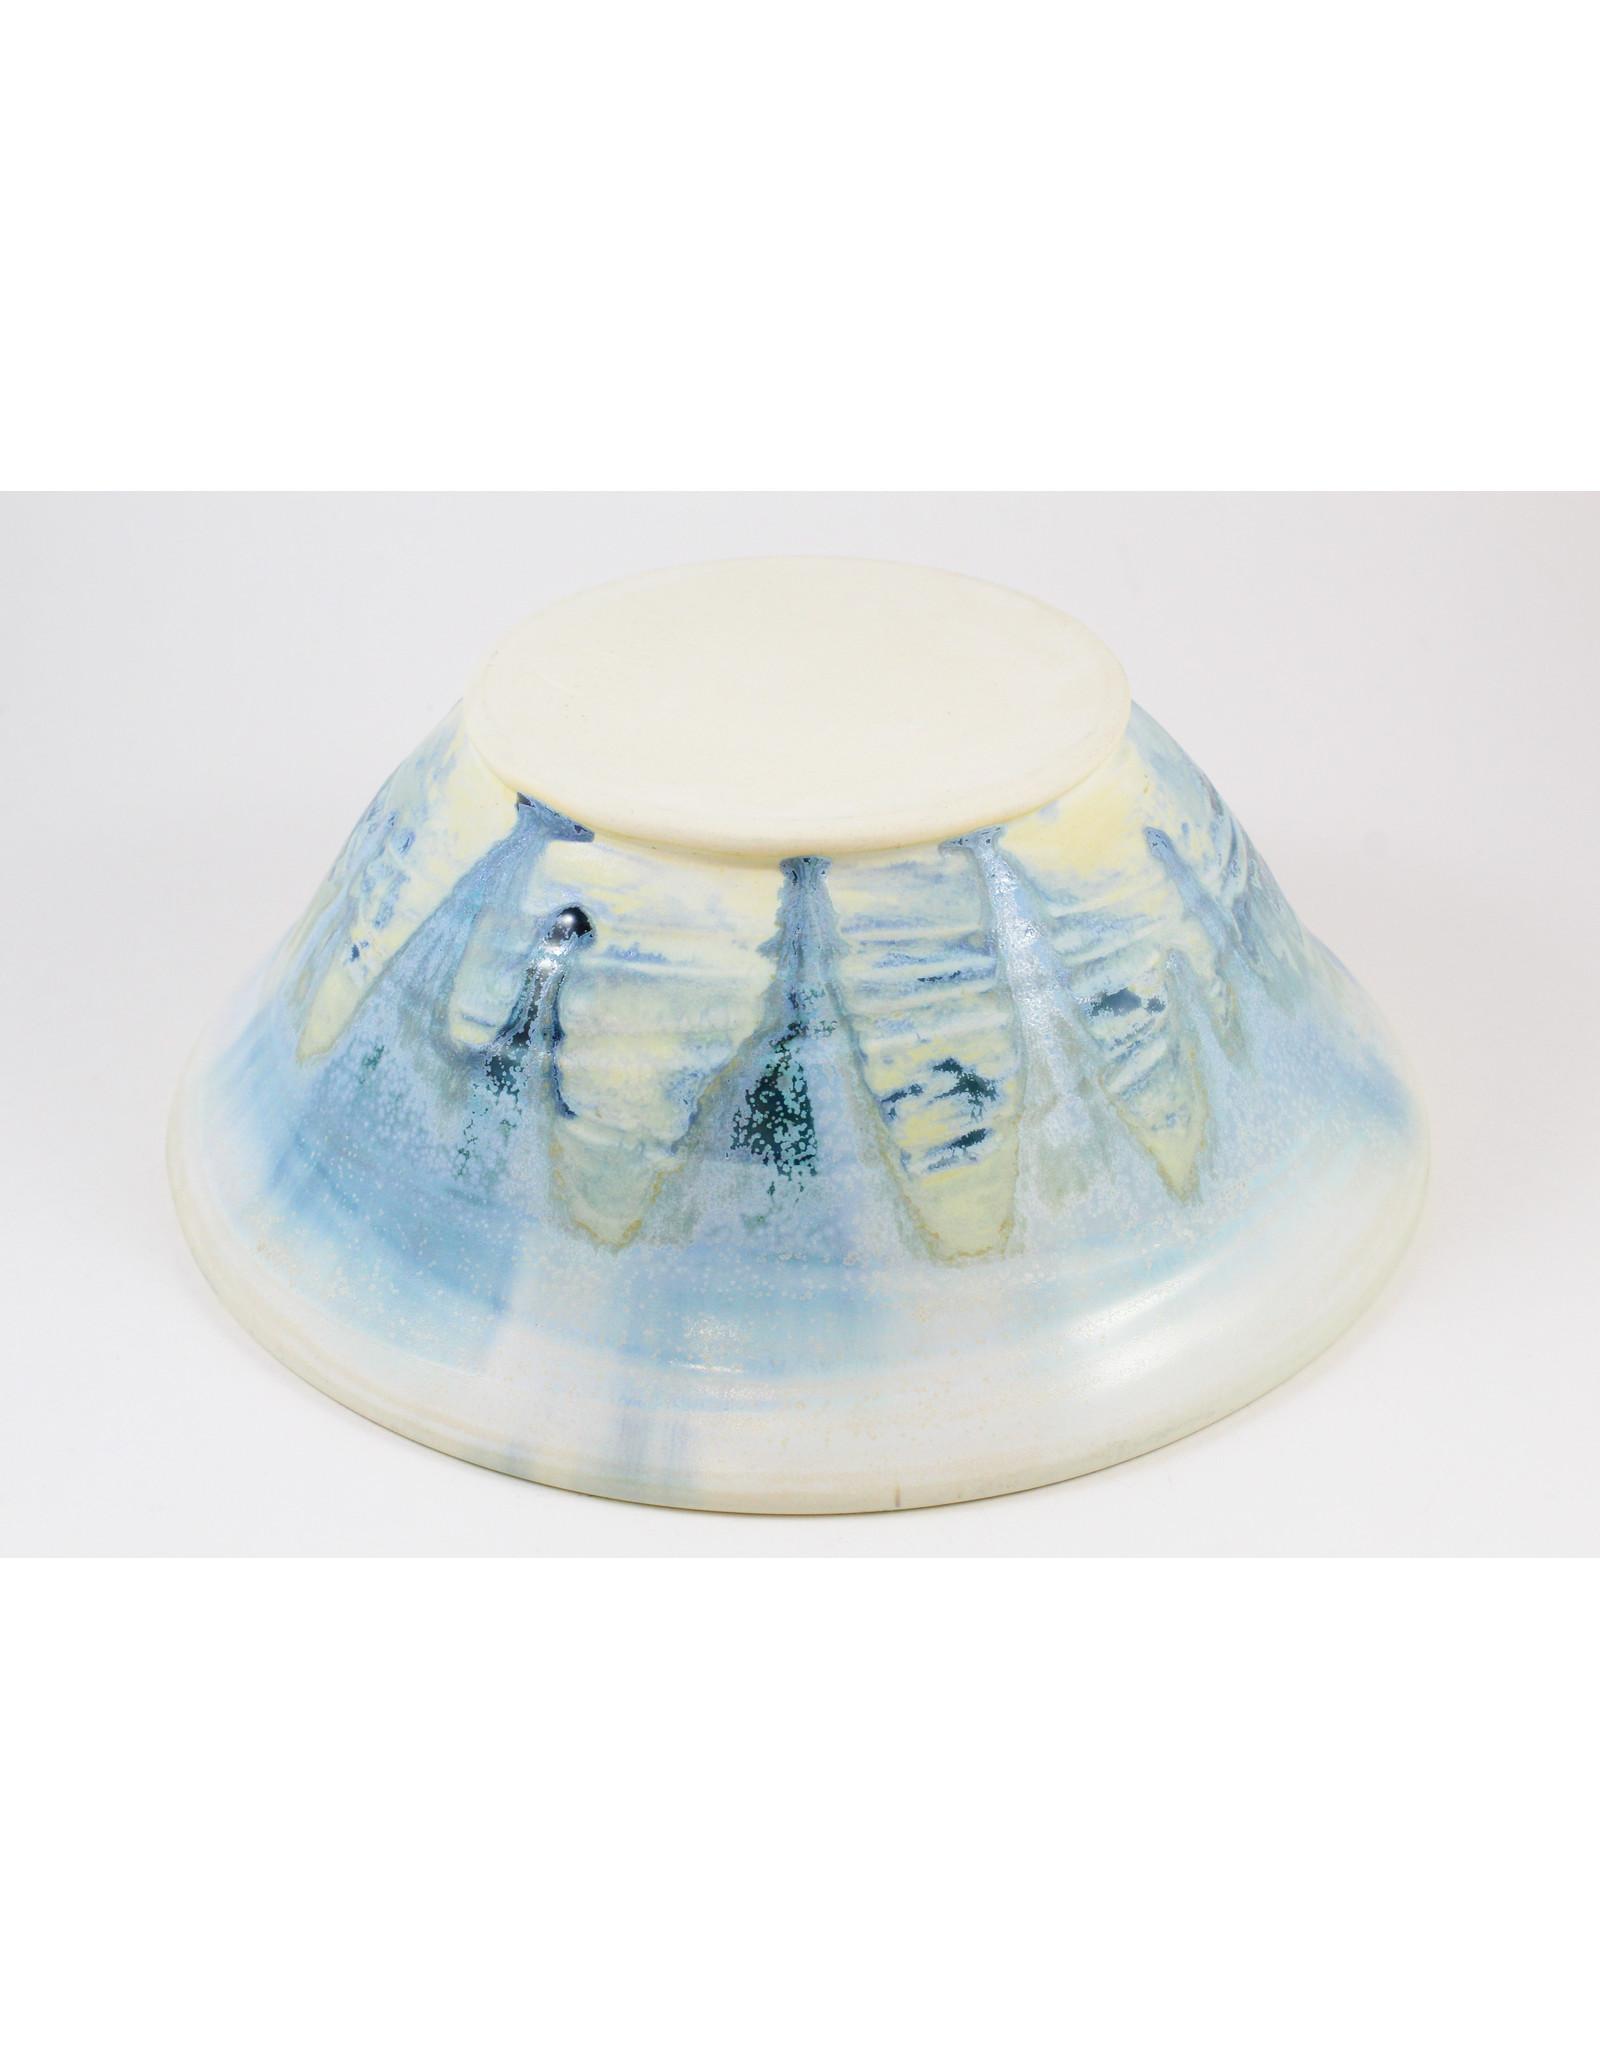 Linda Wright Large Oceanic Bowl by Linda Wright